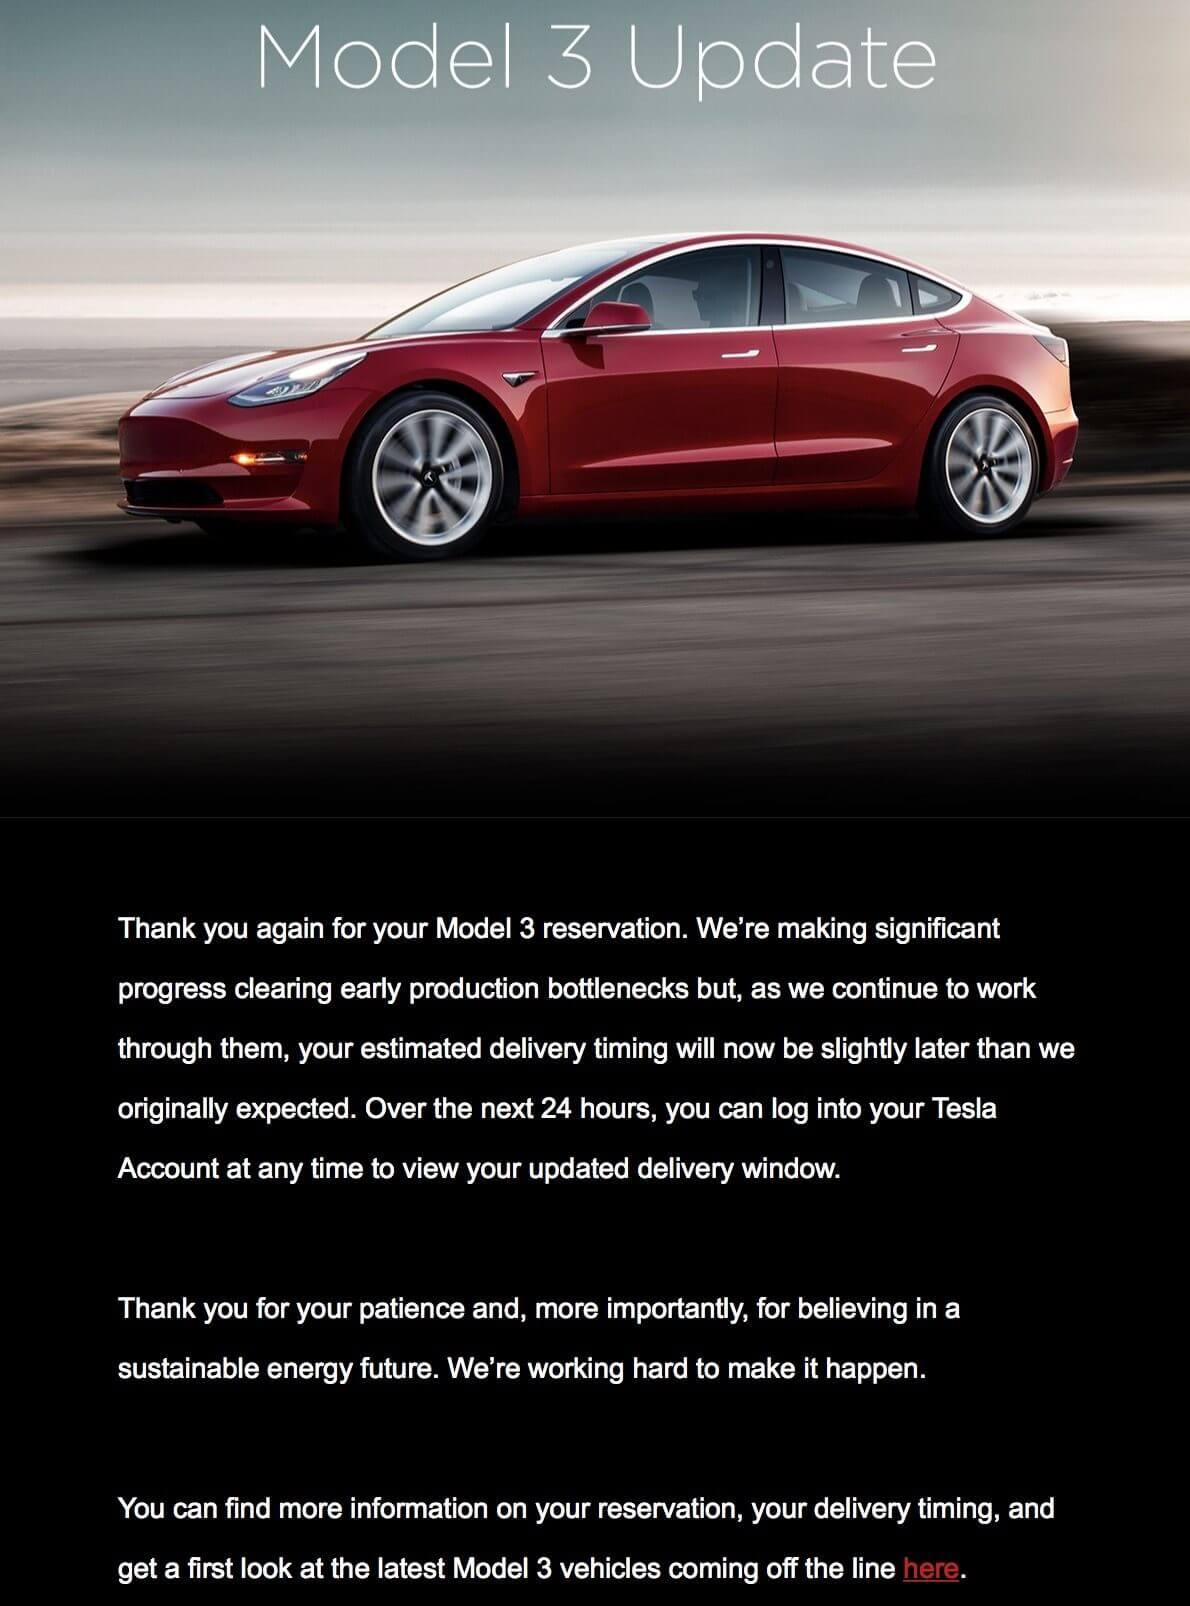 Письмо-обращение владельцам Tesla Model 3, которые сделали предварительный резерв